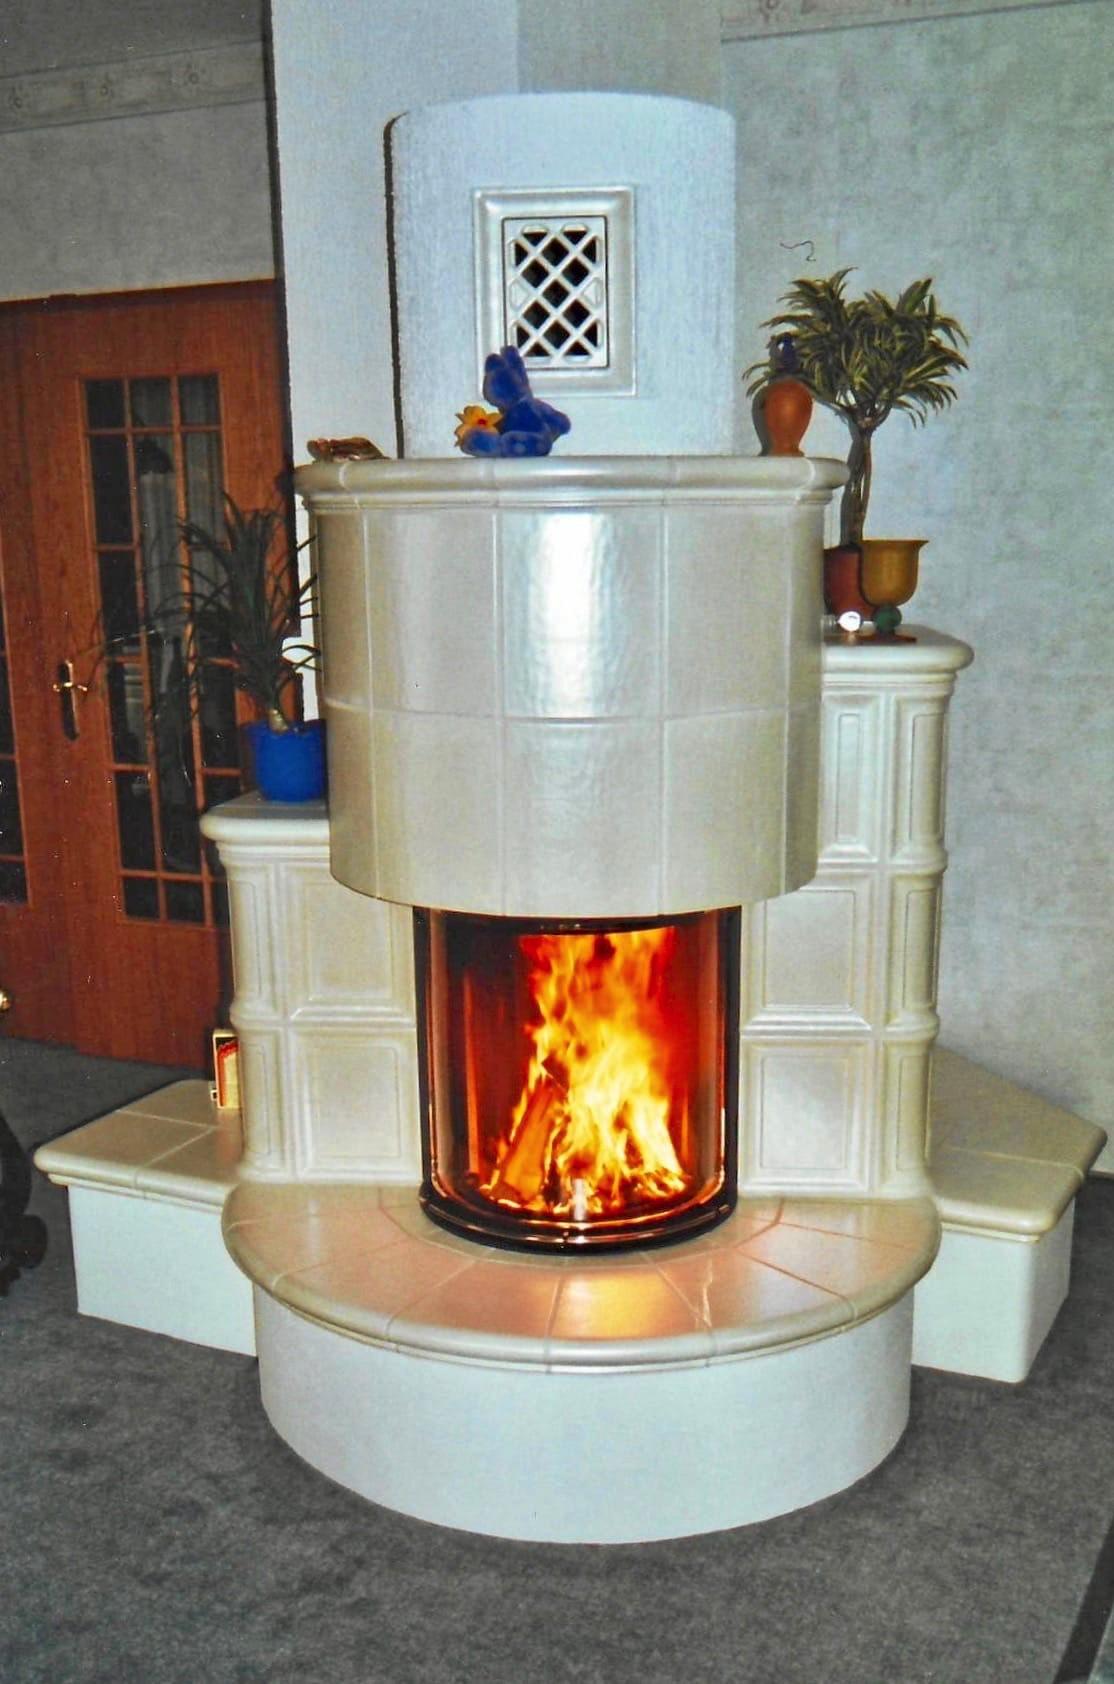 kachel und kamin biofire schleswig holstein kachelfen. Black Bedroom Furniture Sets. Home Design Ideas